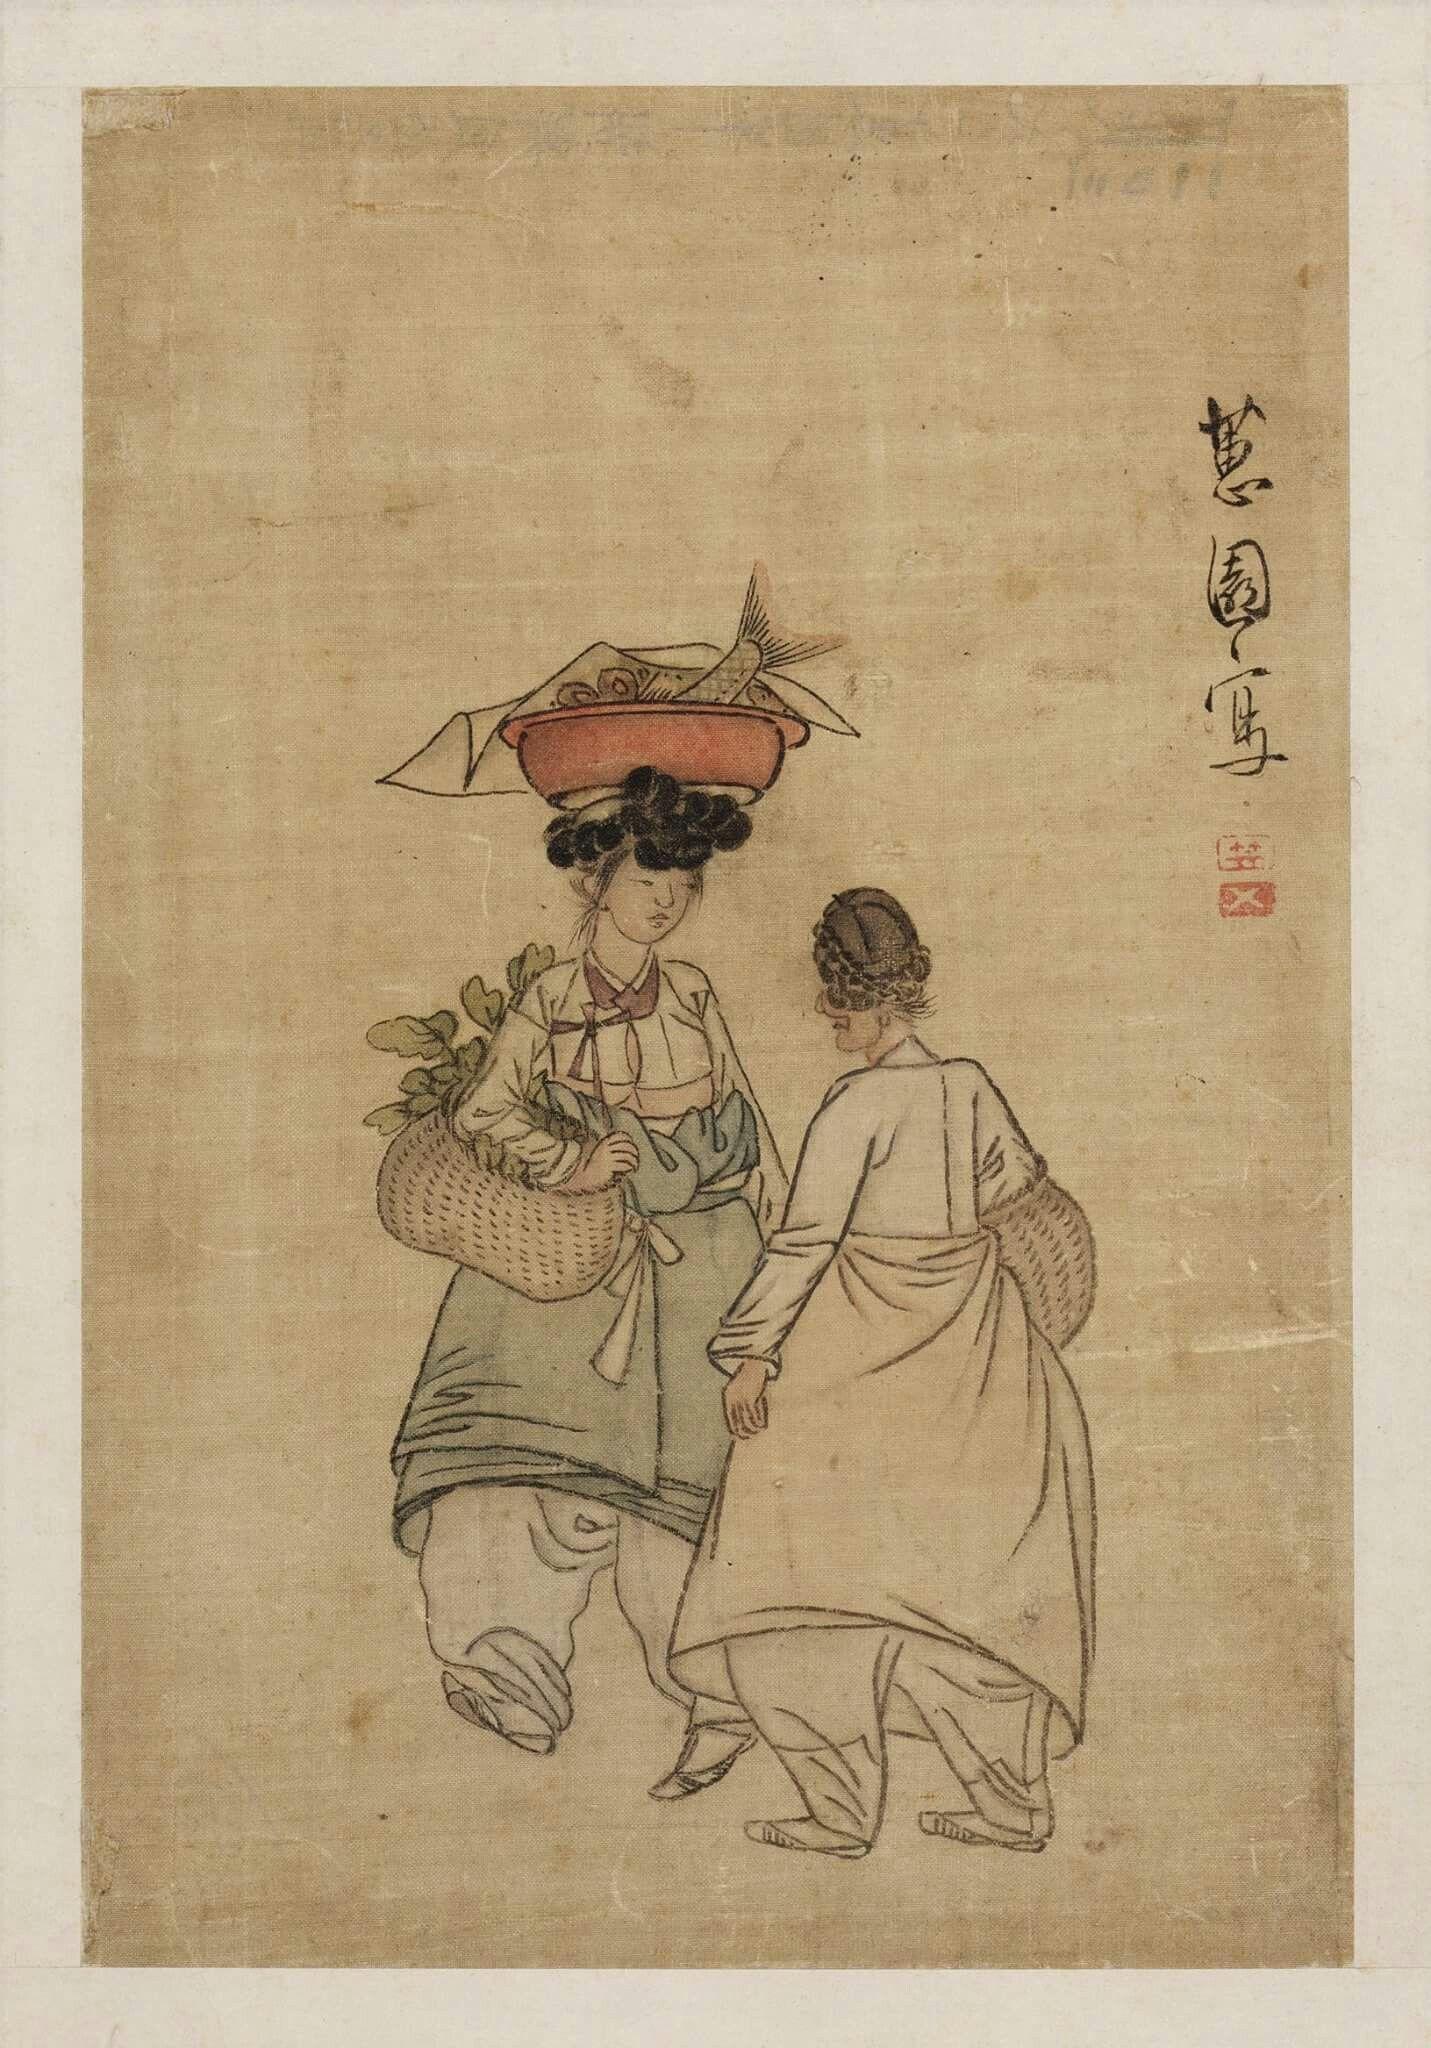 저잣길, 《혜원 신윤복》 Market Street  얹은머리 위에 생선 함지박을 이고 채소가 든 망태기를 옆구리에 낀 채 이야기하고 있는 여인을 볼 수 있으며, 이러한 장면은 신윤복(1758?-1817 이후)의 풍속화에서는 보기 드문 서민의 생활상이라 할 수 있다.  This is a genre painting by Shin Yun-bok (pen-name: Hyewon, 1758?-1817?), a famous painter of the late Joseon Period. A young woman is carrying a netted vegetable bag at her side and a wooden basket containing fish on her head, and is talking to an elderly woman. Such a scene of everyday life is uncommon in Sin Yun-bok's paintings…